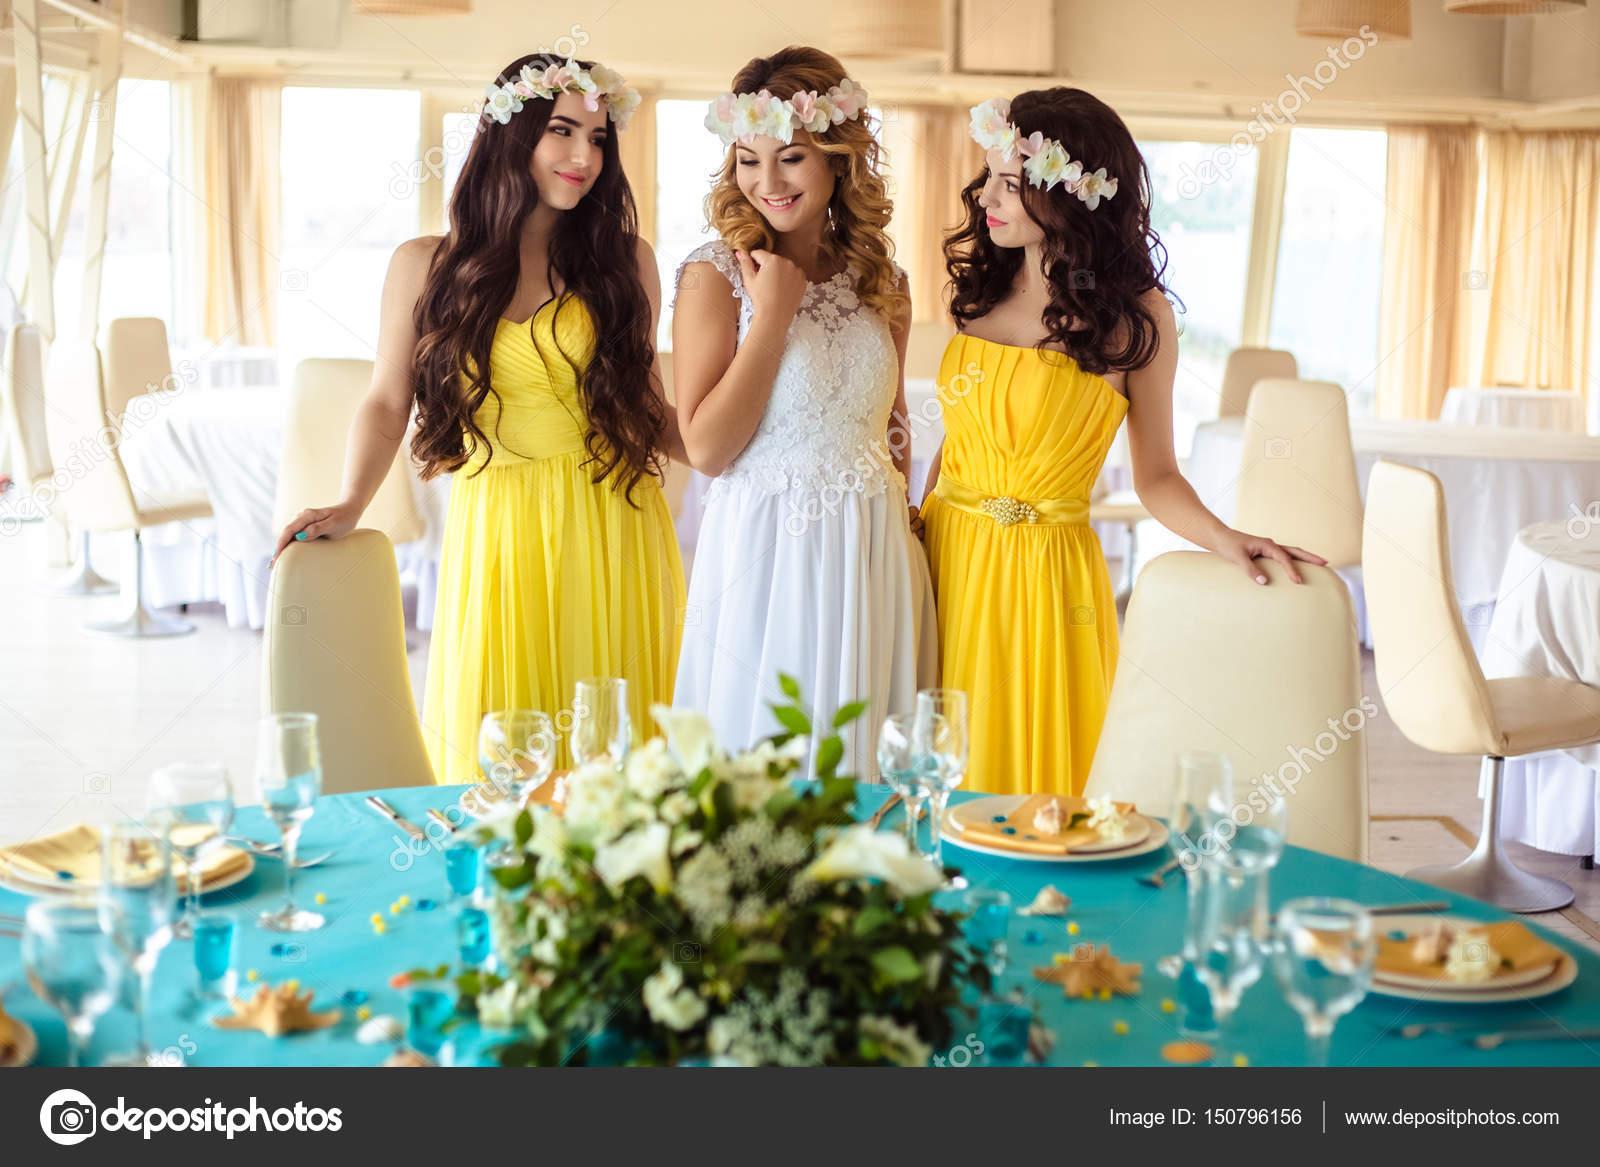 reputable site db7e4 2d14a Bella sposa e due damigelle d'onore in gialli vestiti simili ...